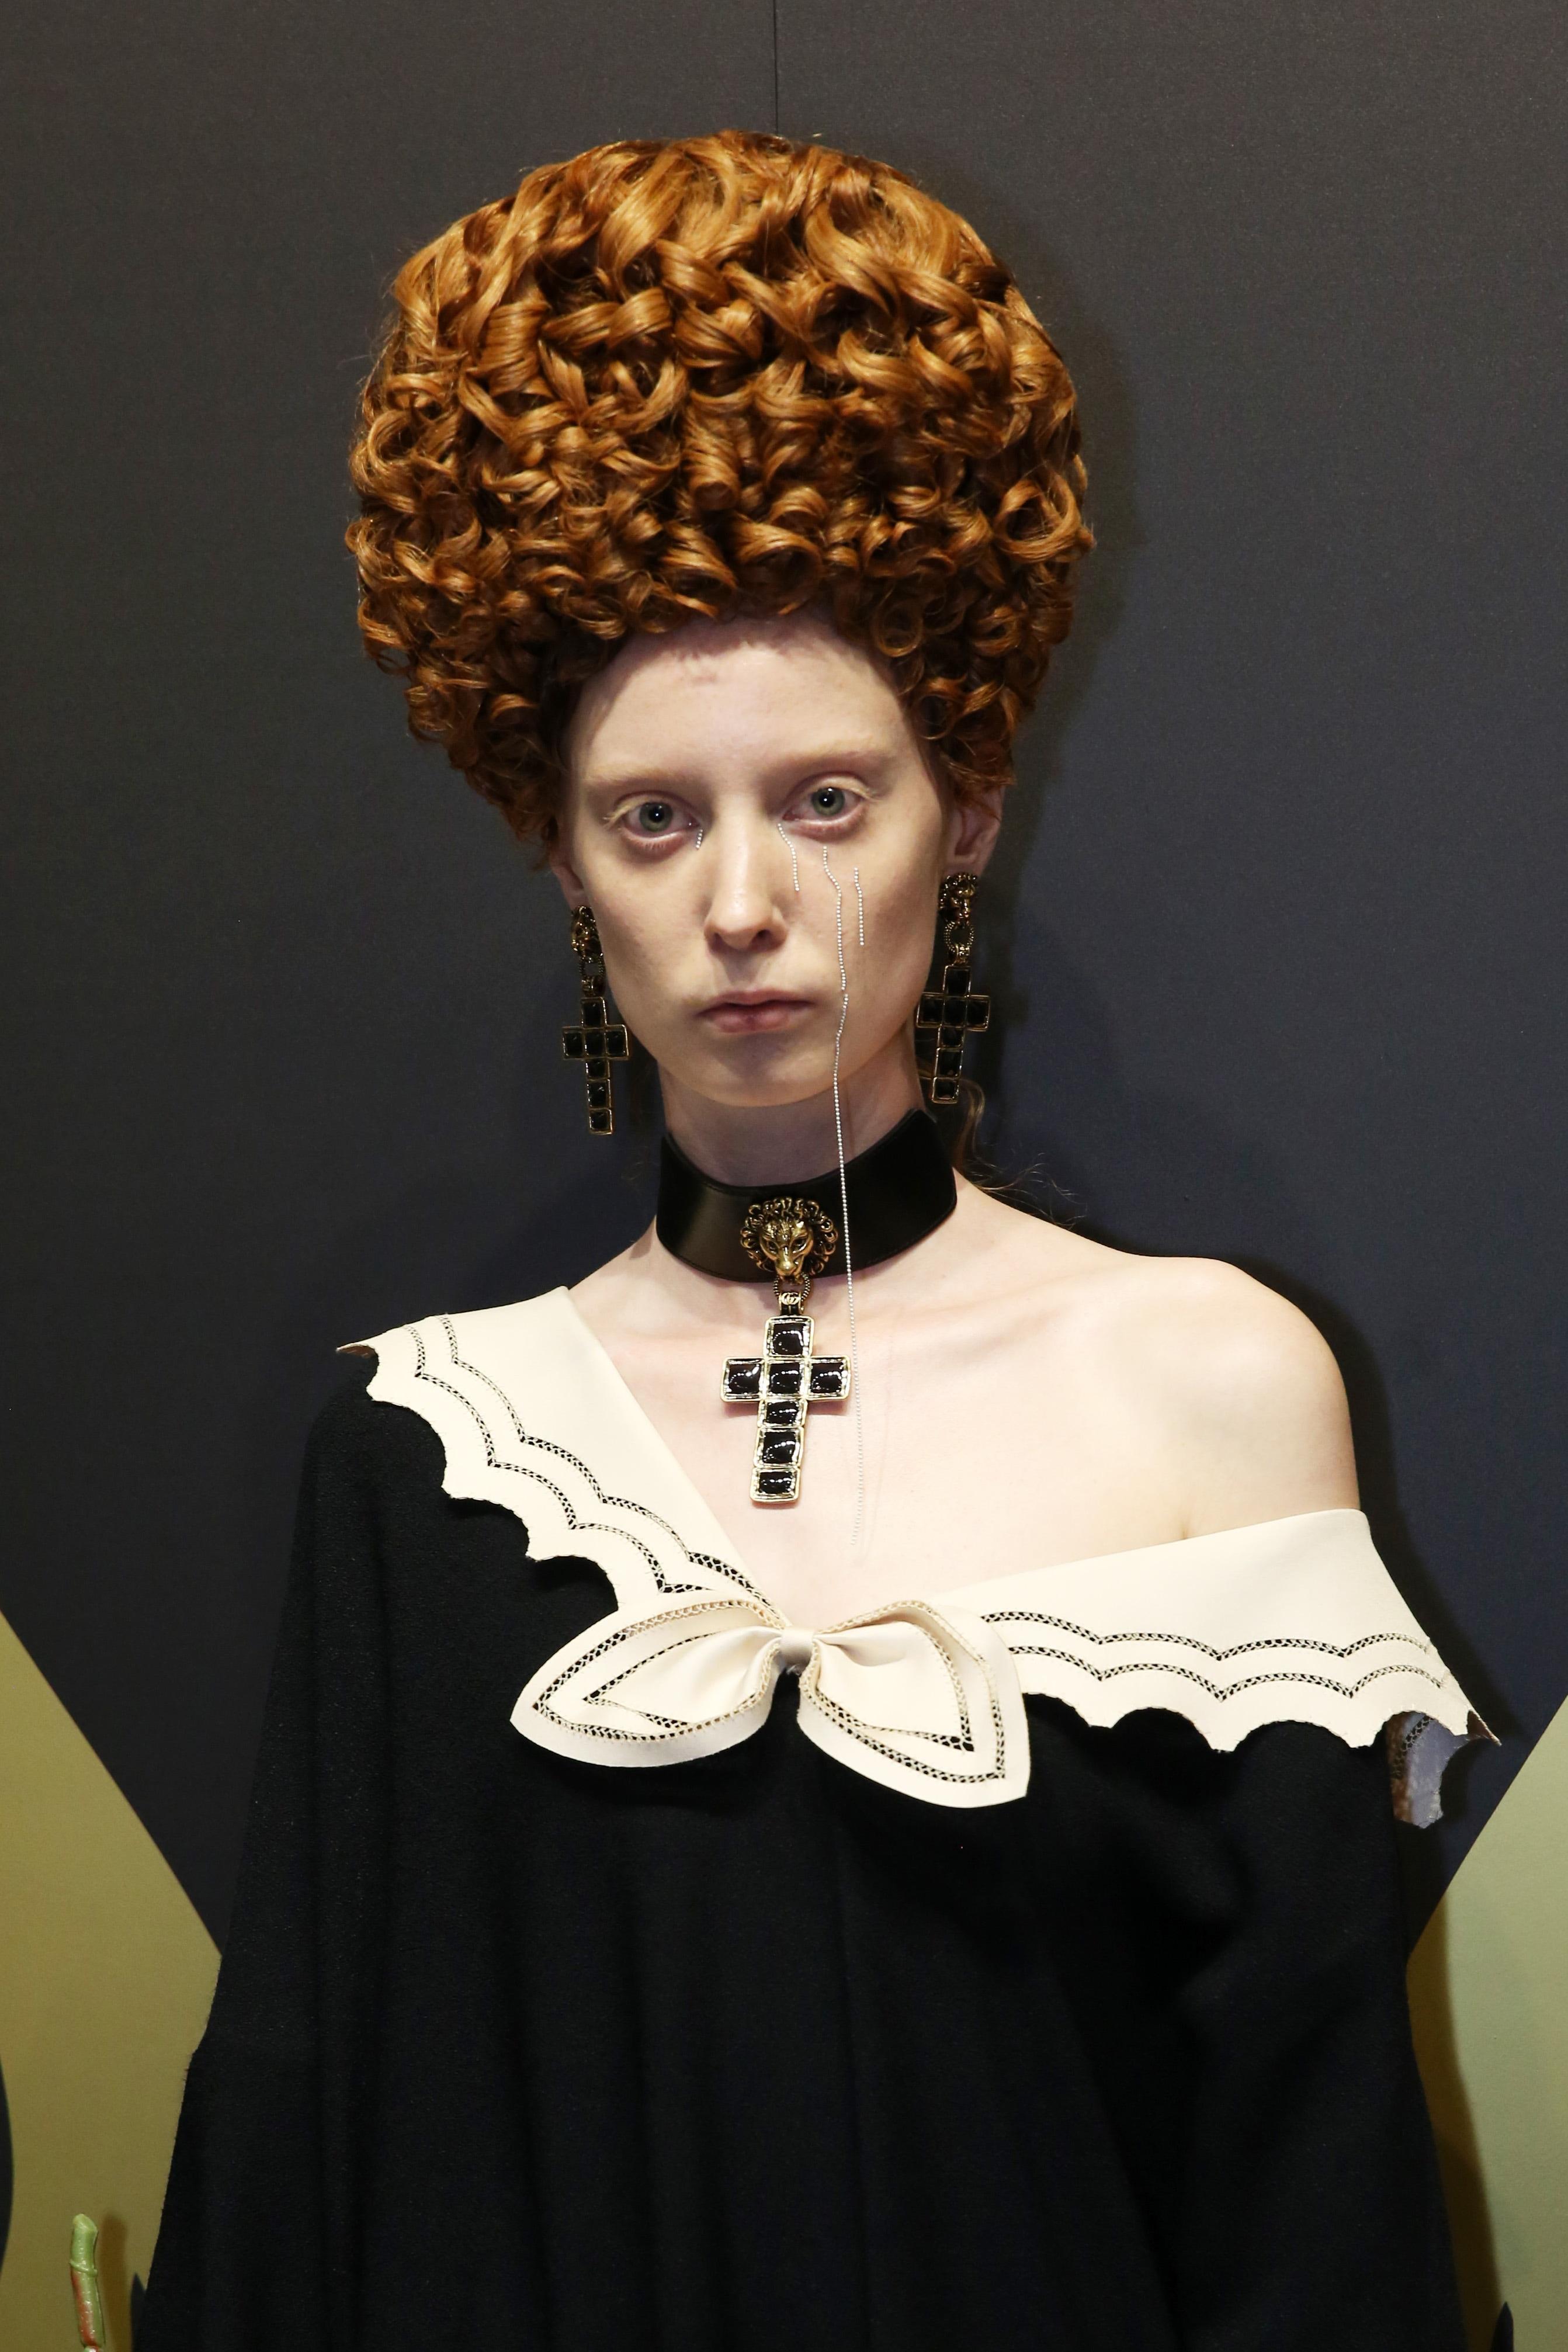 Mujer de cabello castaño cobrizo, lleva un gran rodete sobre su cabeza formado por trenzas. Look dramático y teatral.